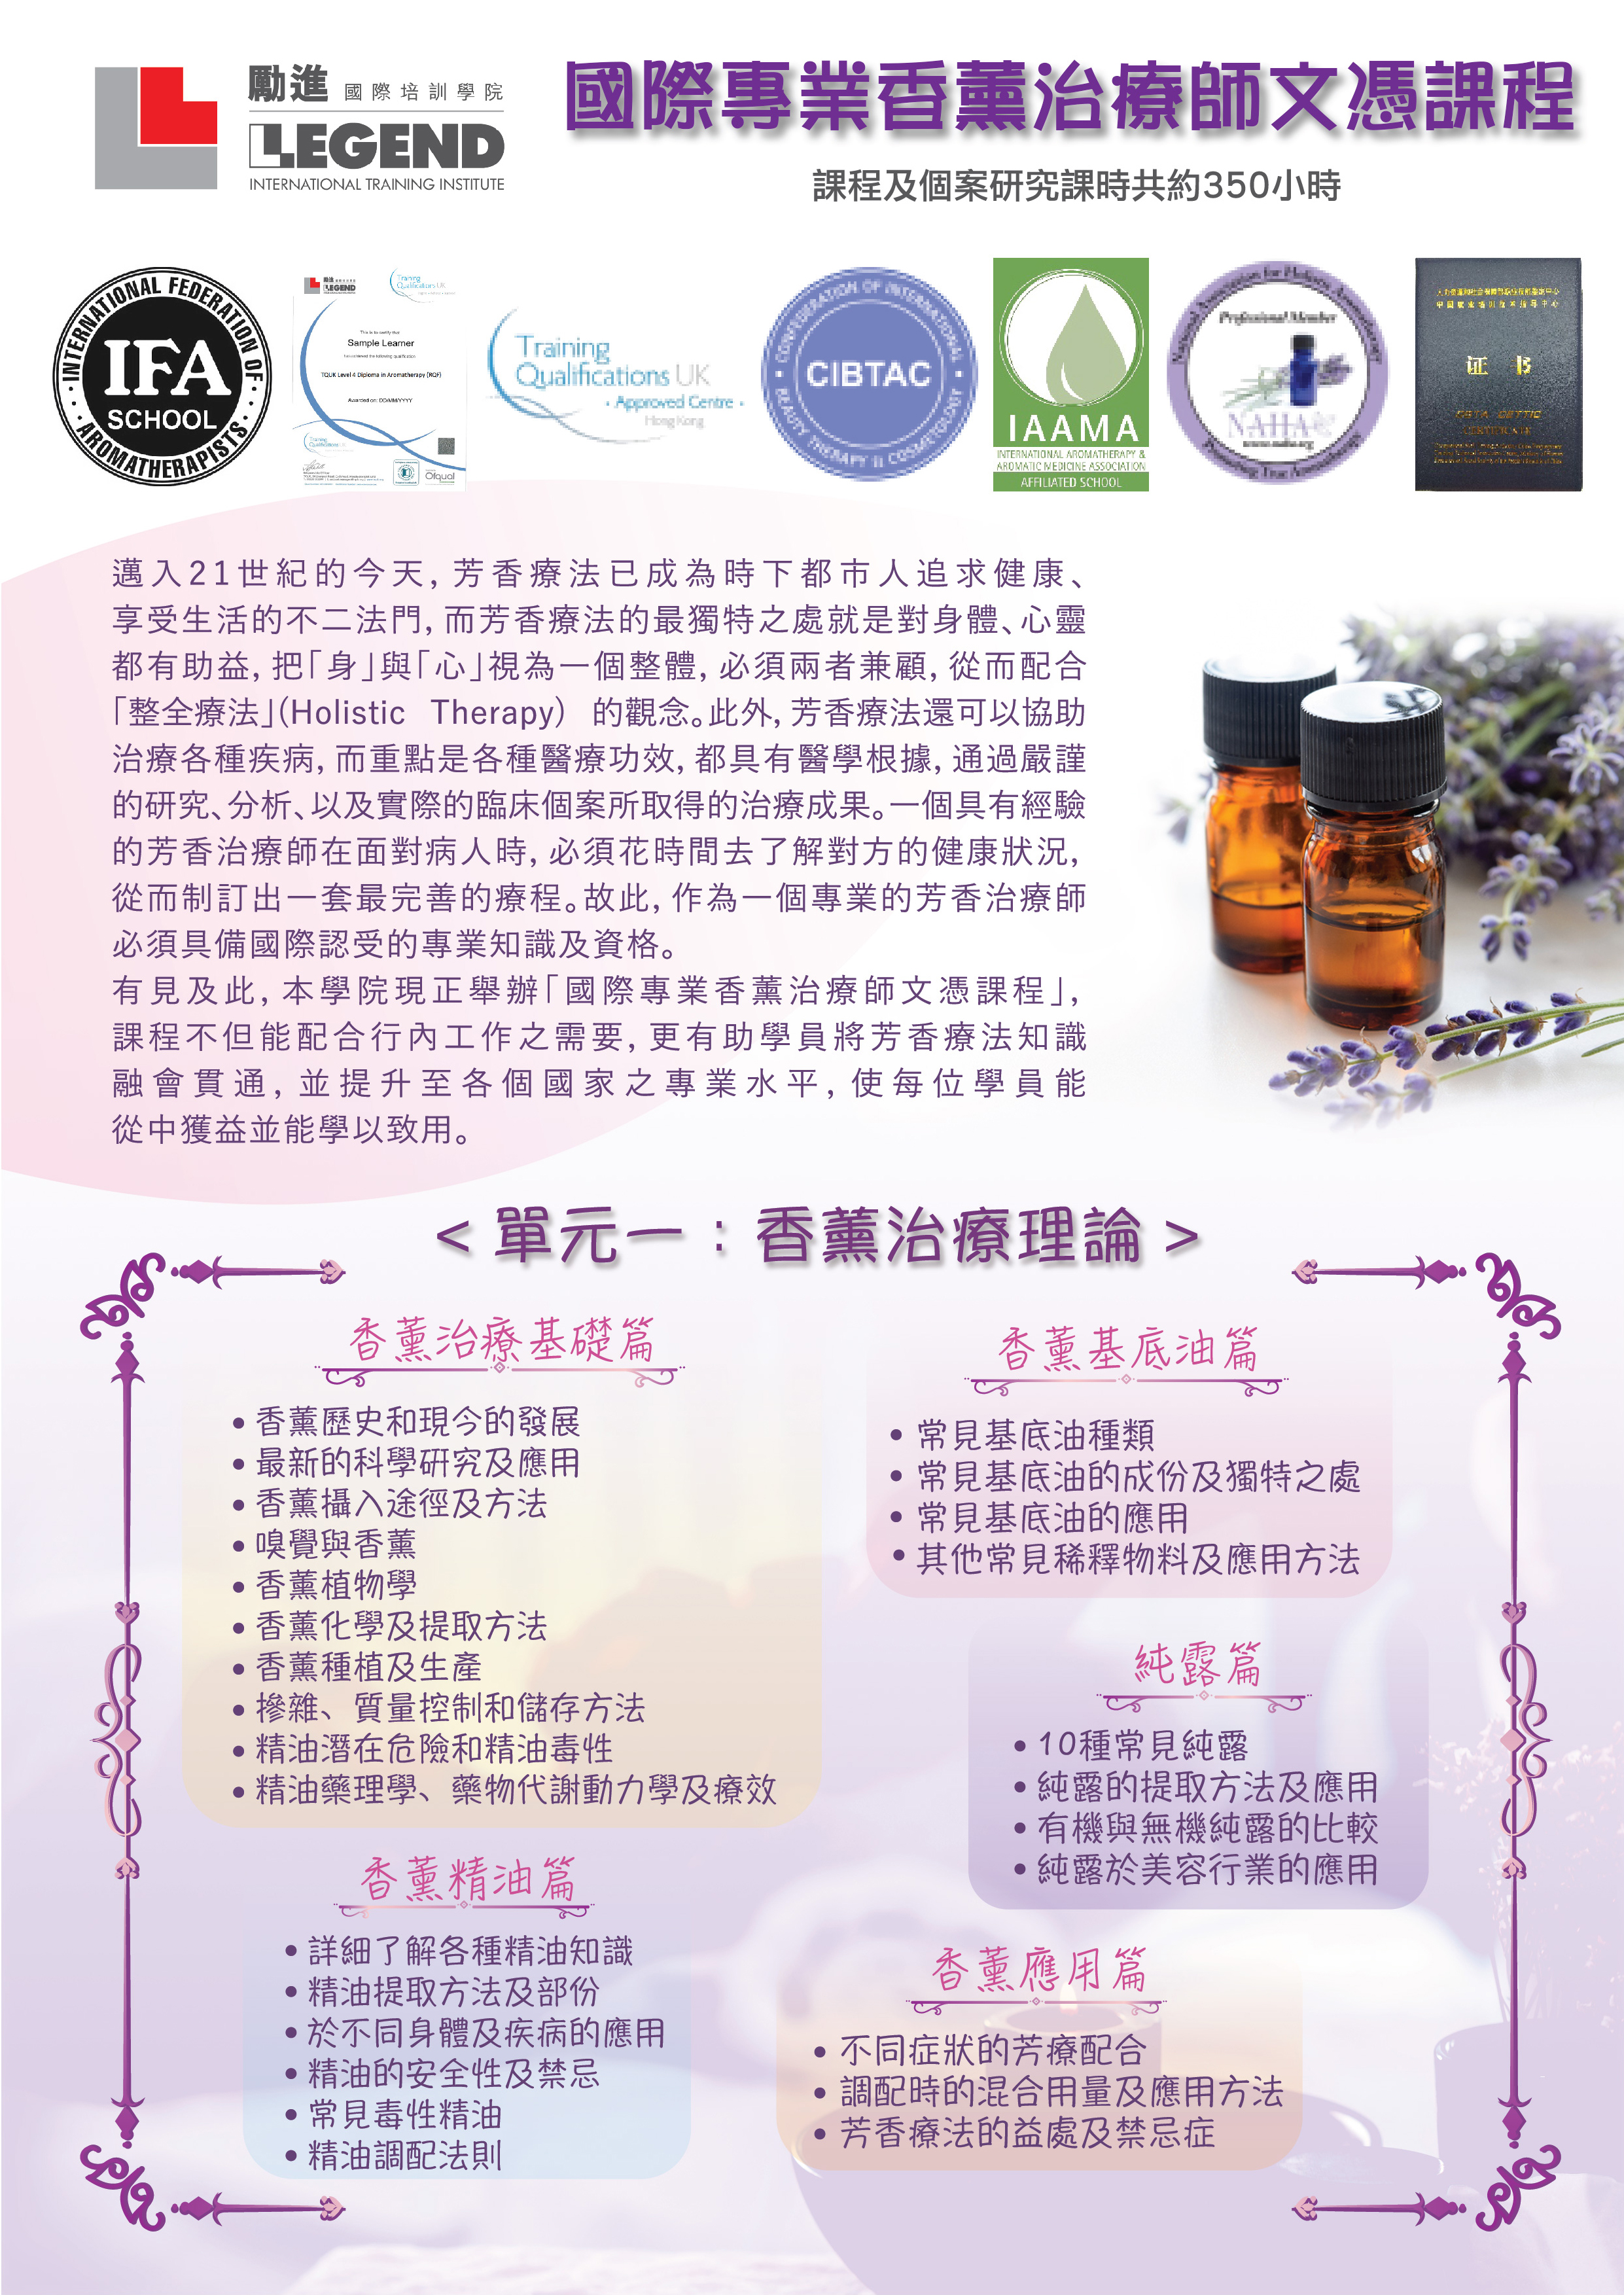 英国IFA香薰治疗师文凭课程